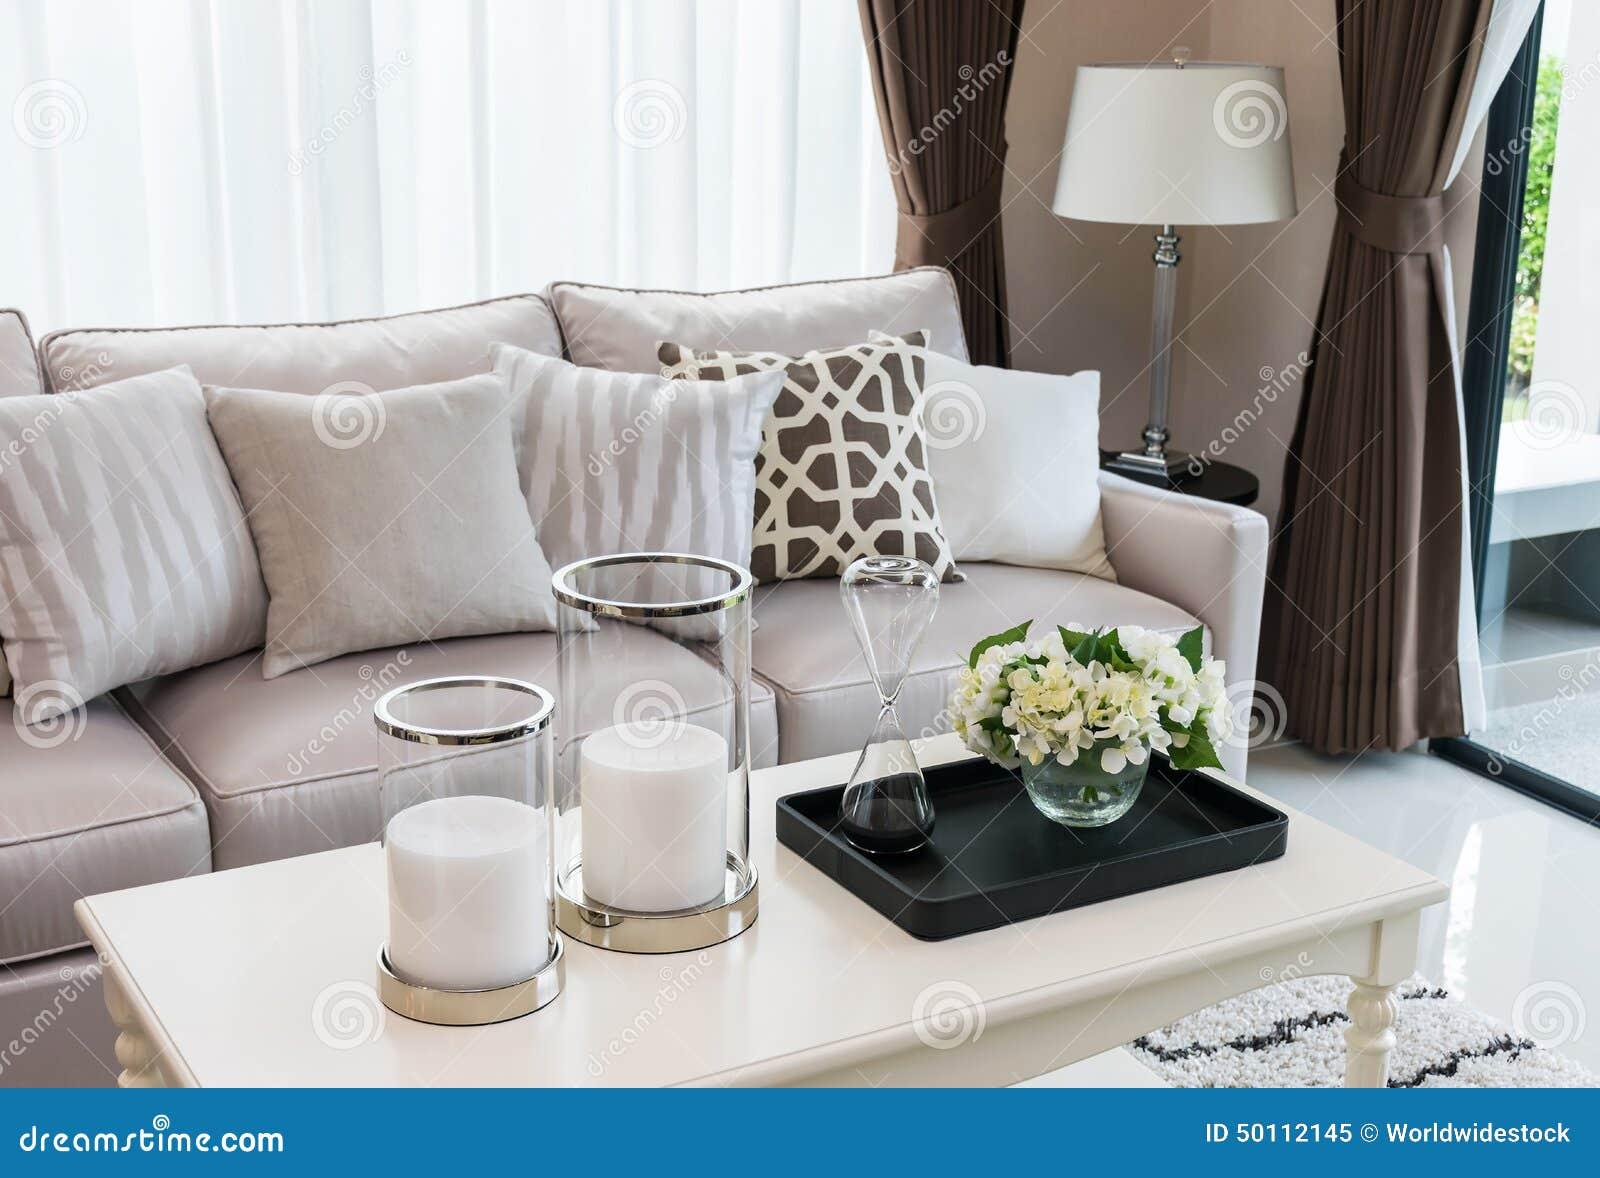 Modernes Wohnzimmerdesign Mit Sofa Und Lampe Stockfoto - Bild ...